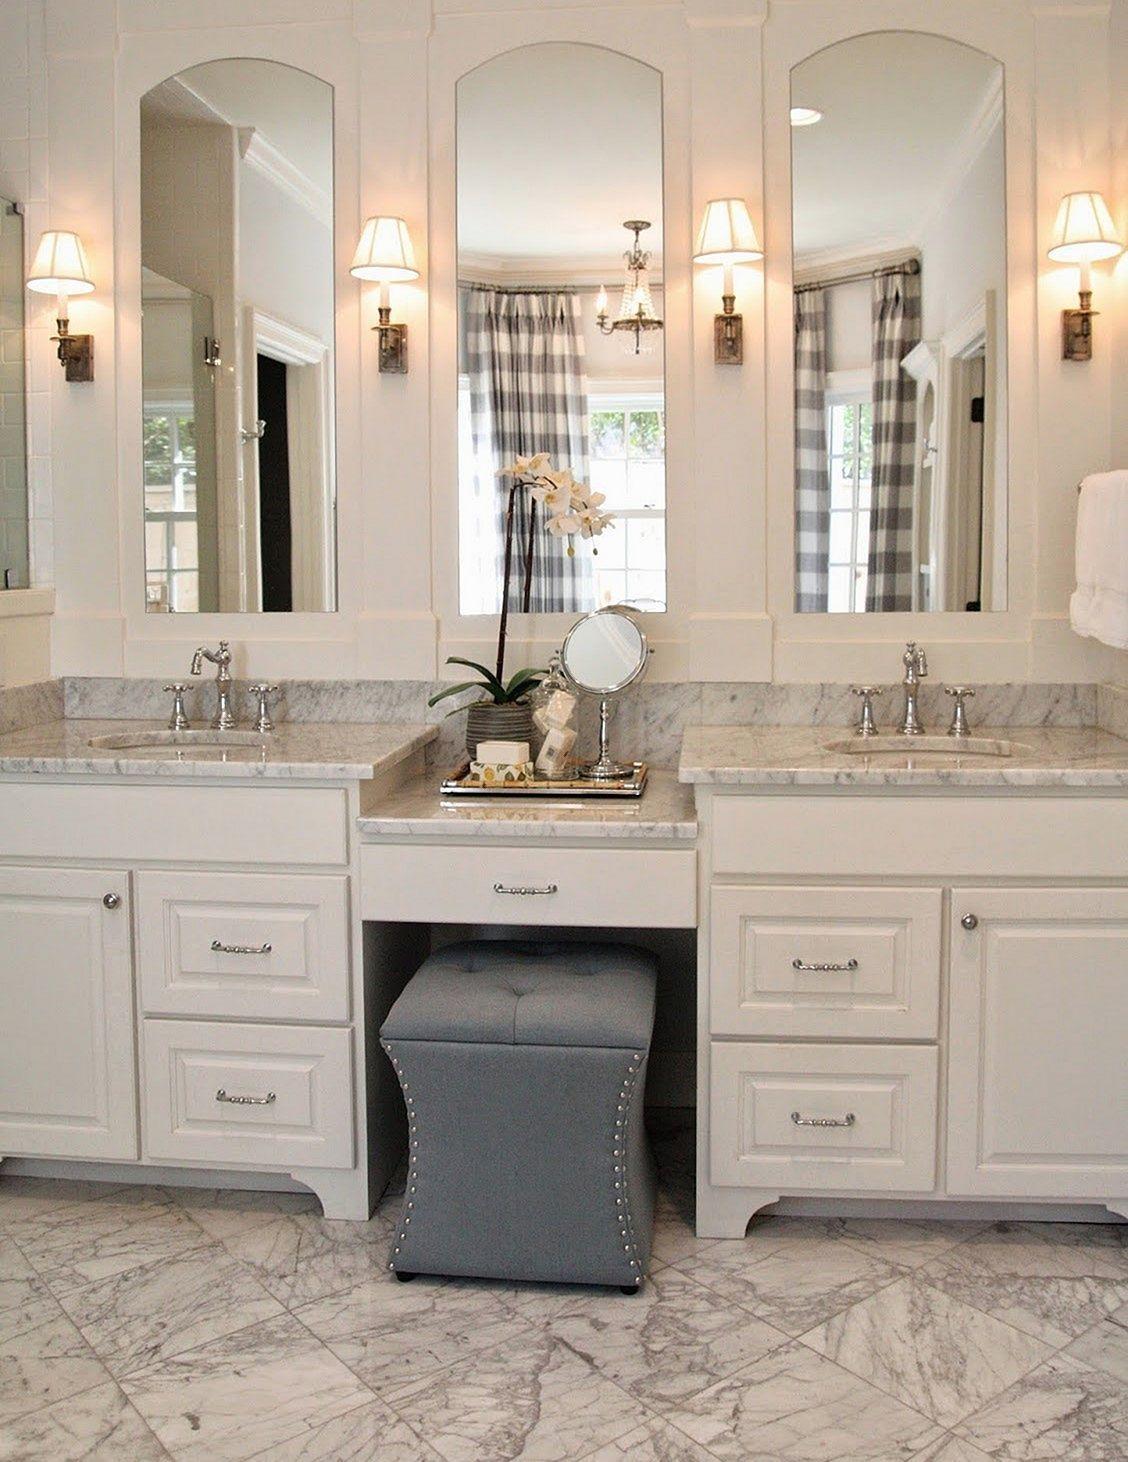 Photo of Die besten DIY Master-Badezimmer-Ideen werden mit Budget # 68 umgestaltet – Design & Dekorati…